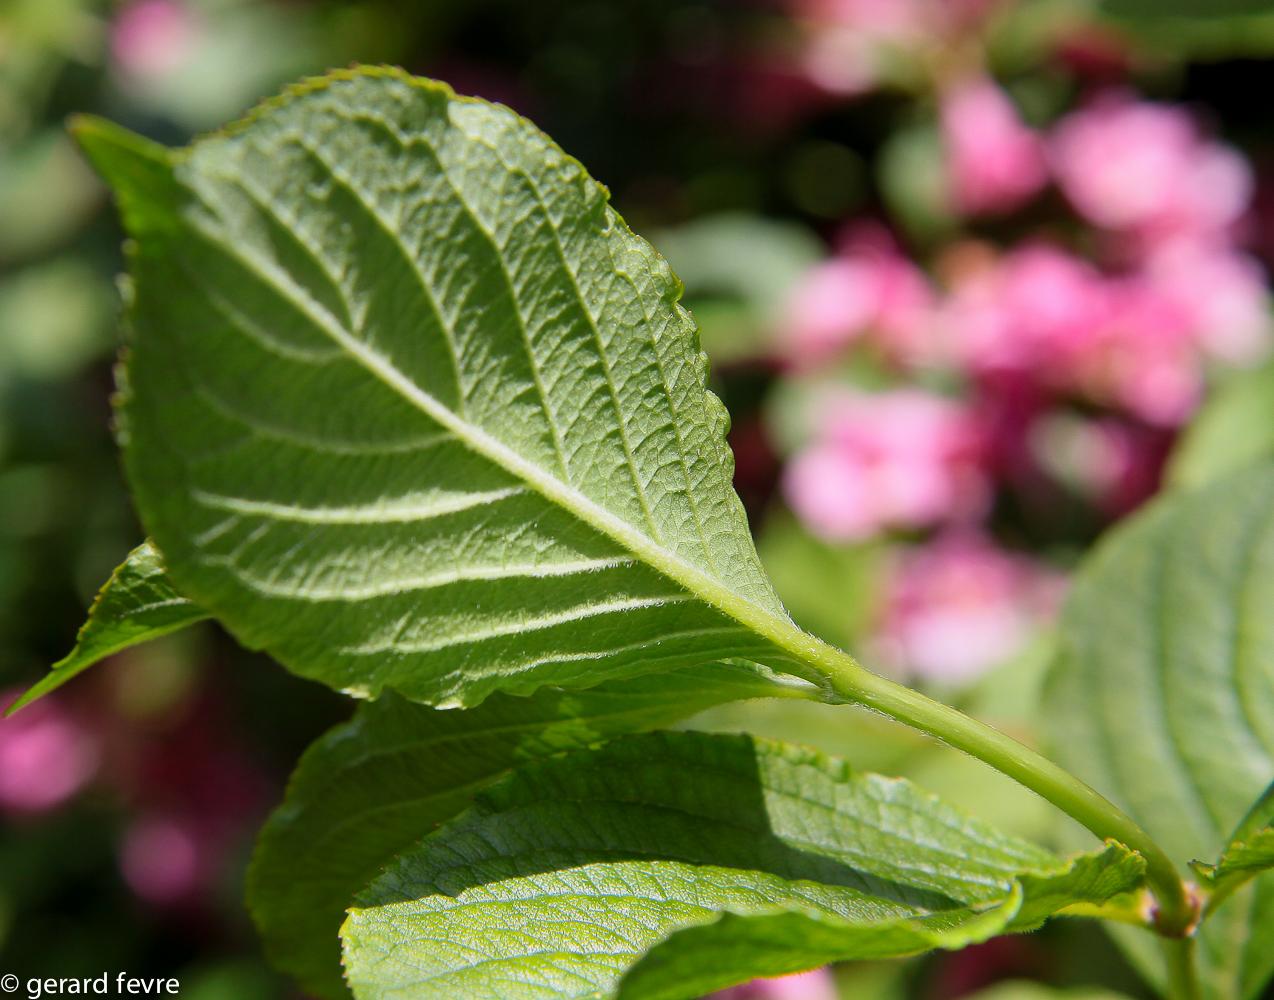 Le revers des feuilles pubescent avec des poils le long des nervures